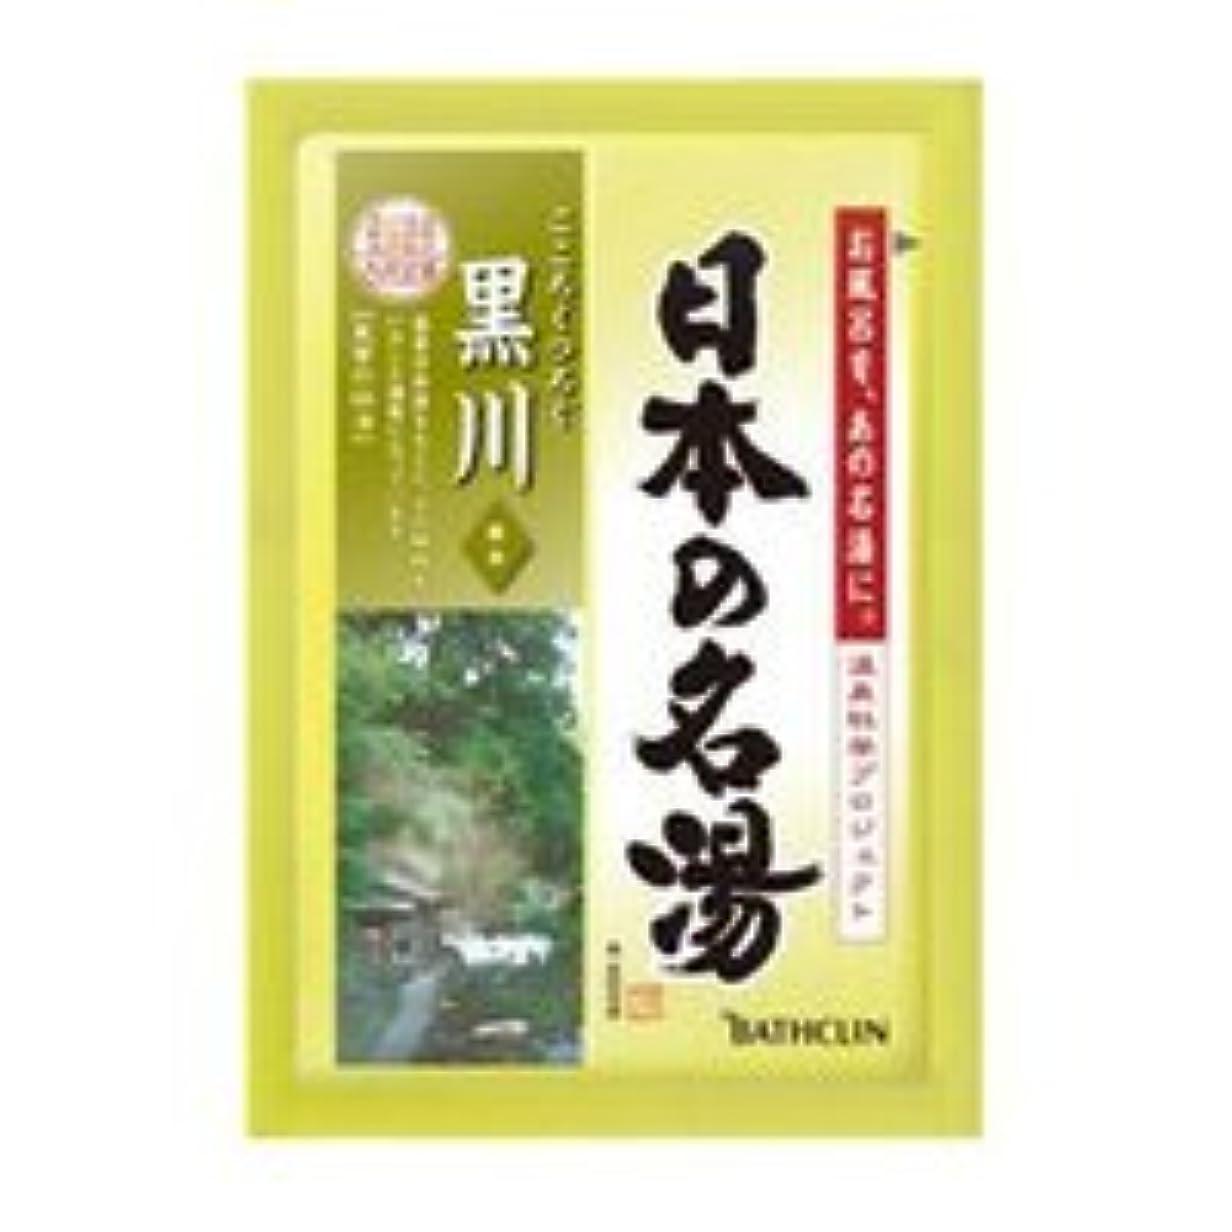 勝者タイプサミュエルバスクリン 日本の名湯 黒川 1包 30g (温泉タイプ入浴剤)×120点セット (4548514135093)